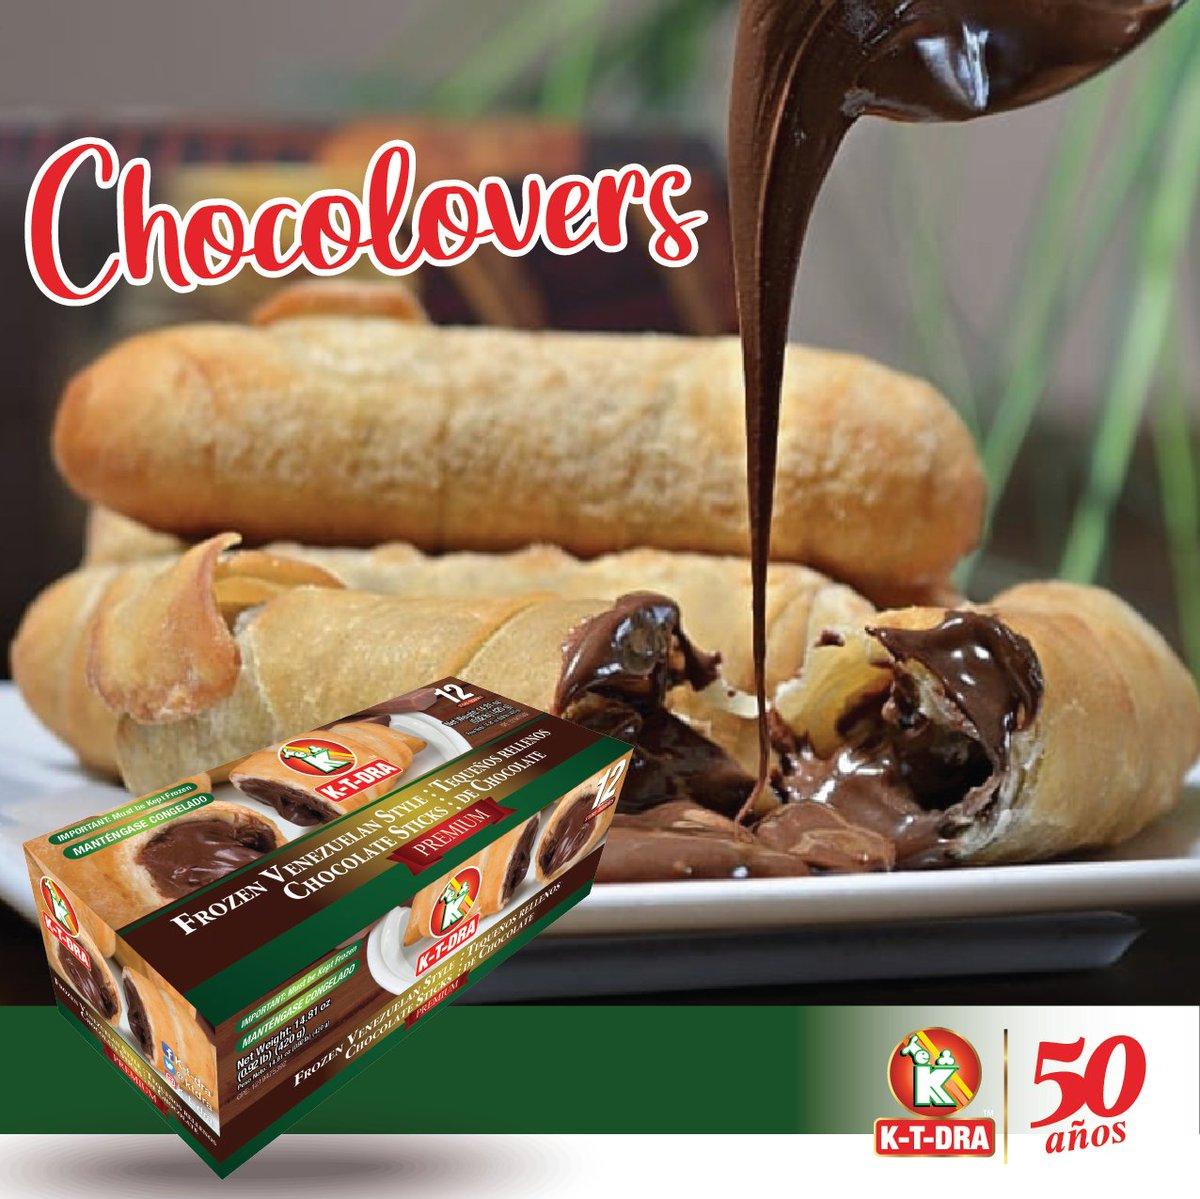 ¿Amante del chocolate? Tequeños de Chocolate K-T-DRA...no te pierdas la experiencia! - #ktdra #empanadas #tequeños #tequeñosdechocolate #50AñosKtdra #pastelguayanes #pastelitosandinos #pulpasdefrutas #chocolovers #masas #yummy #27ene